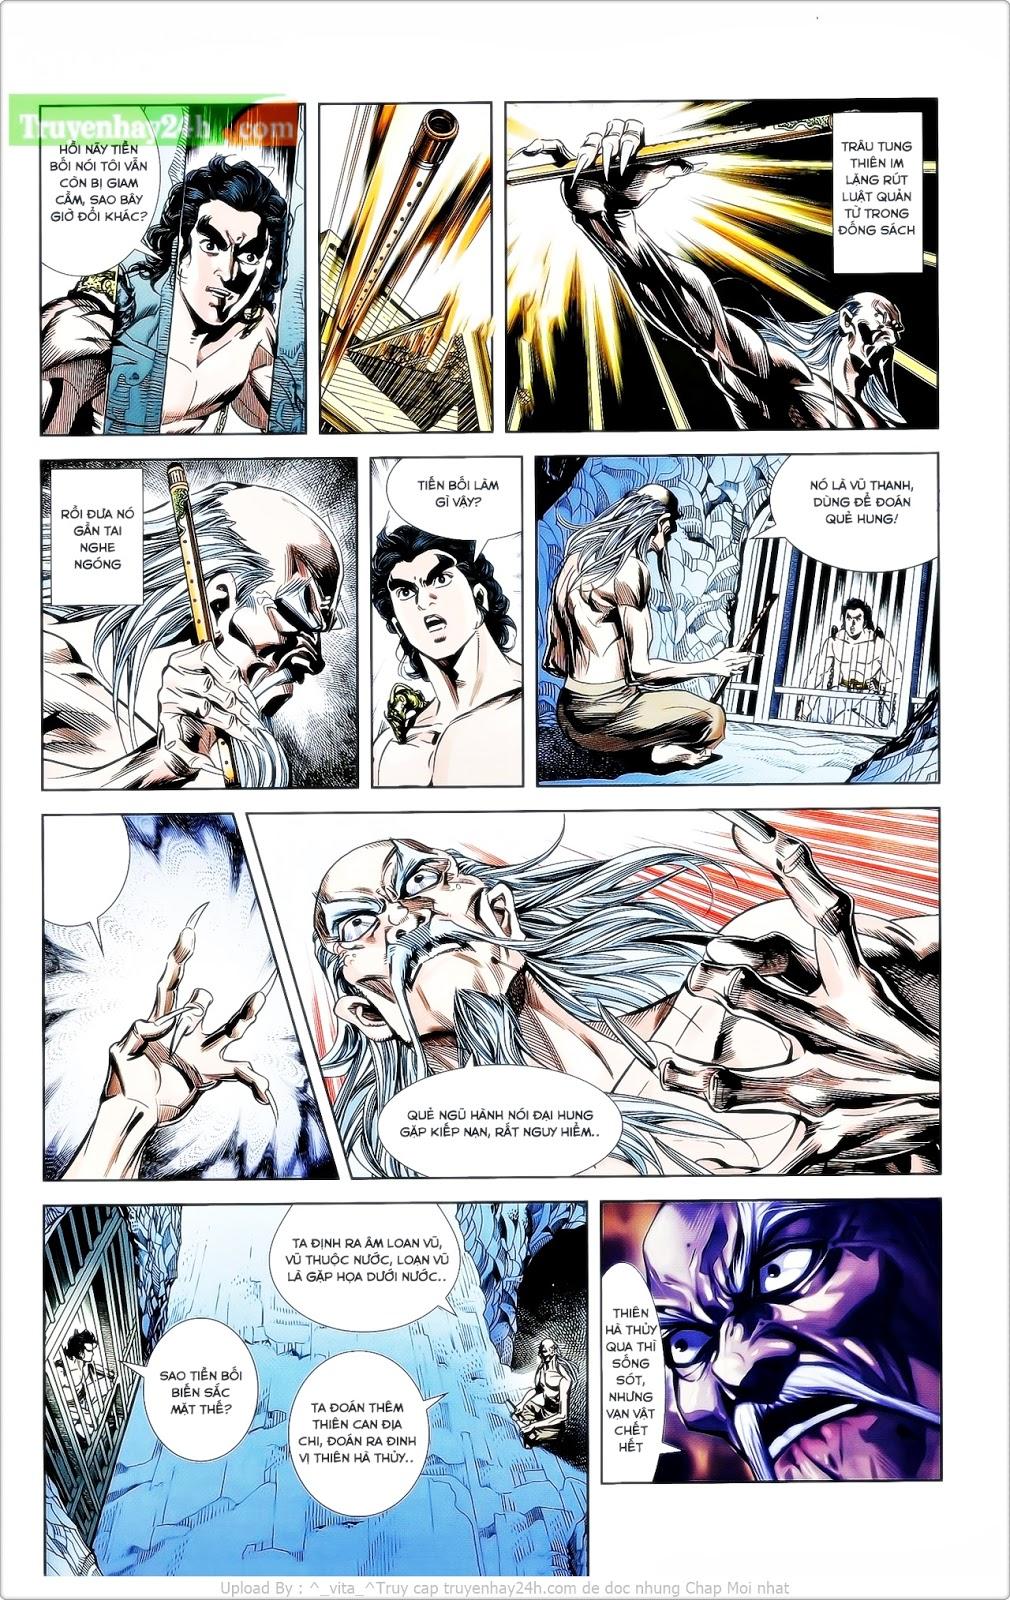 Tần Vương Doanh Chính chapter 26 trang 14